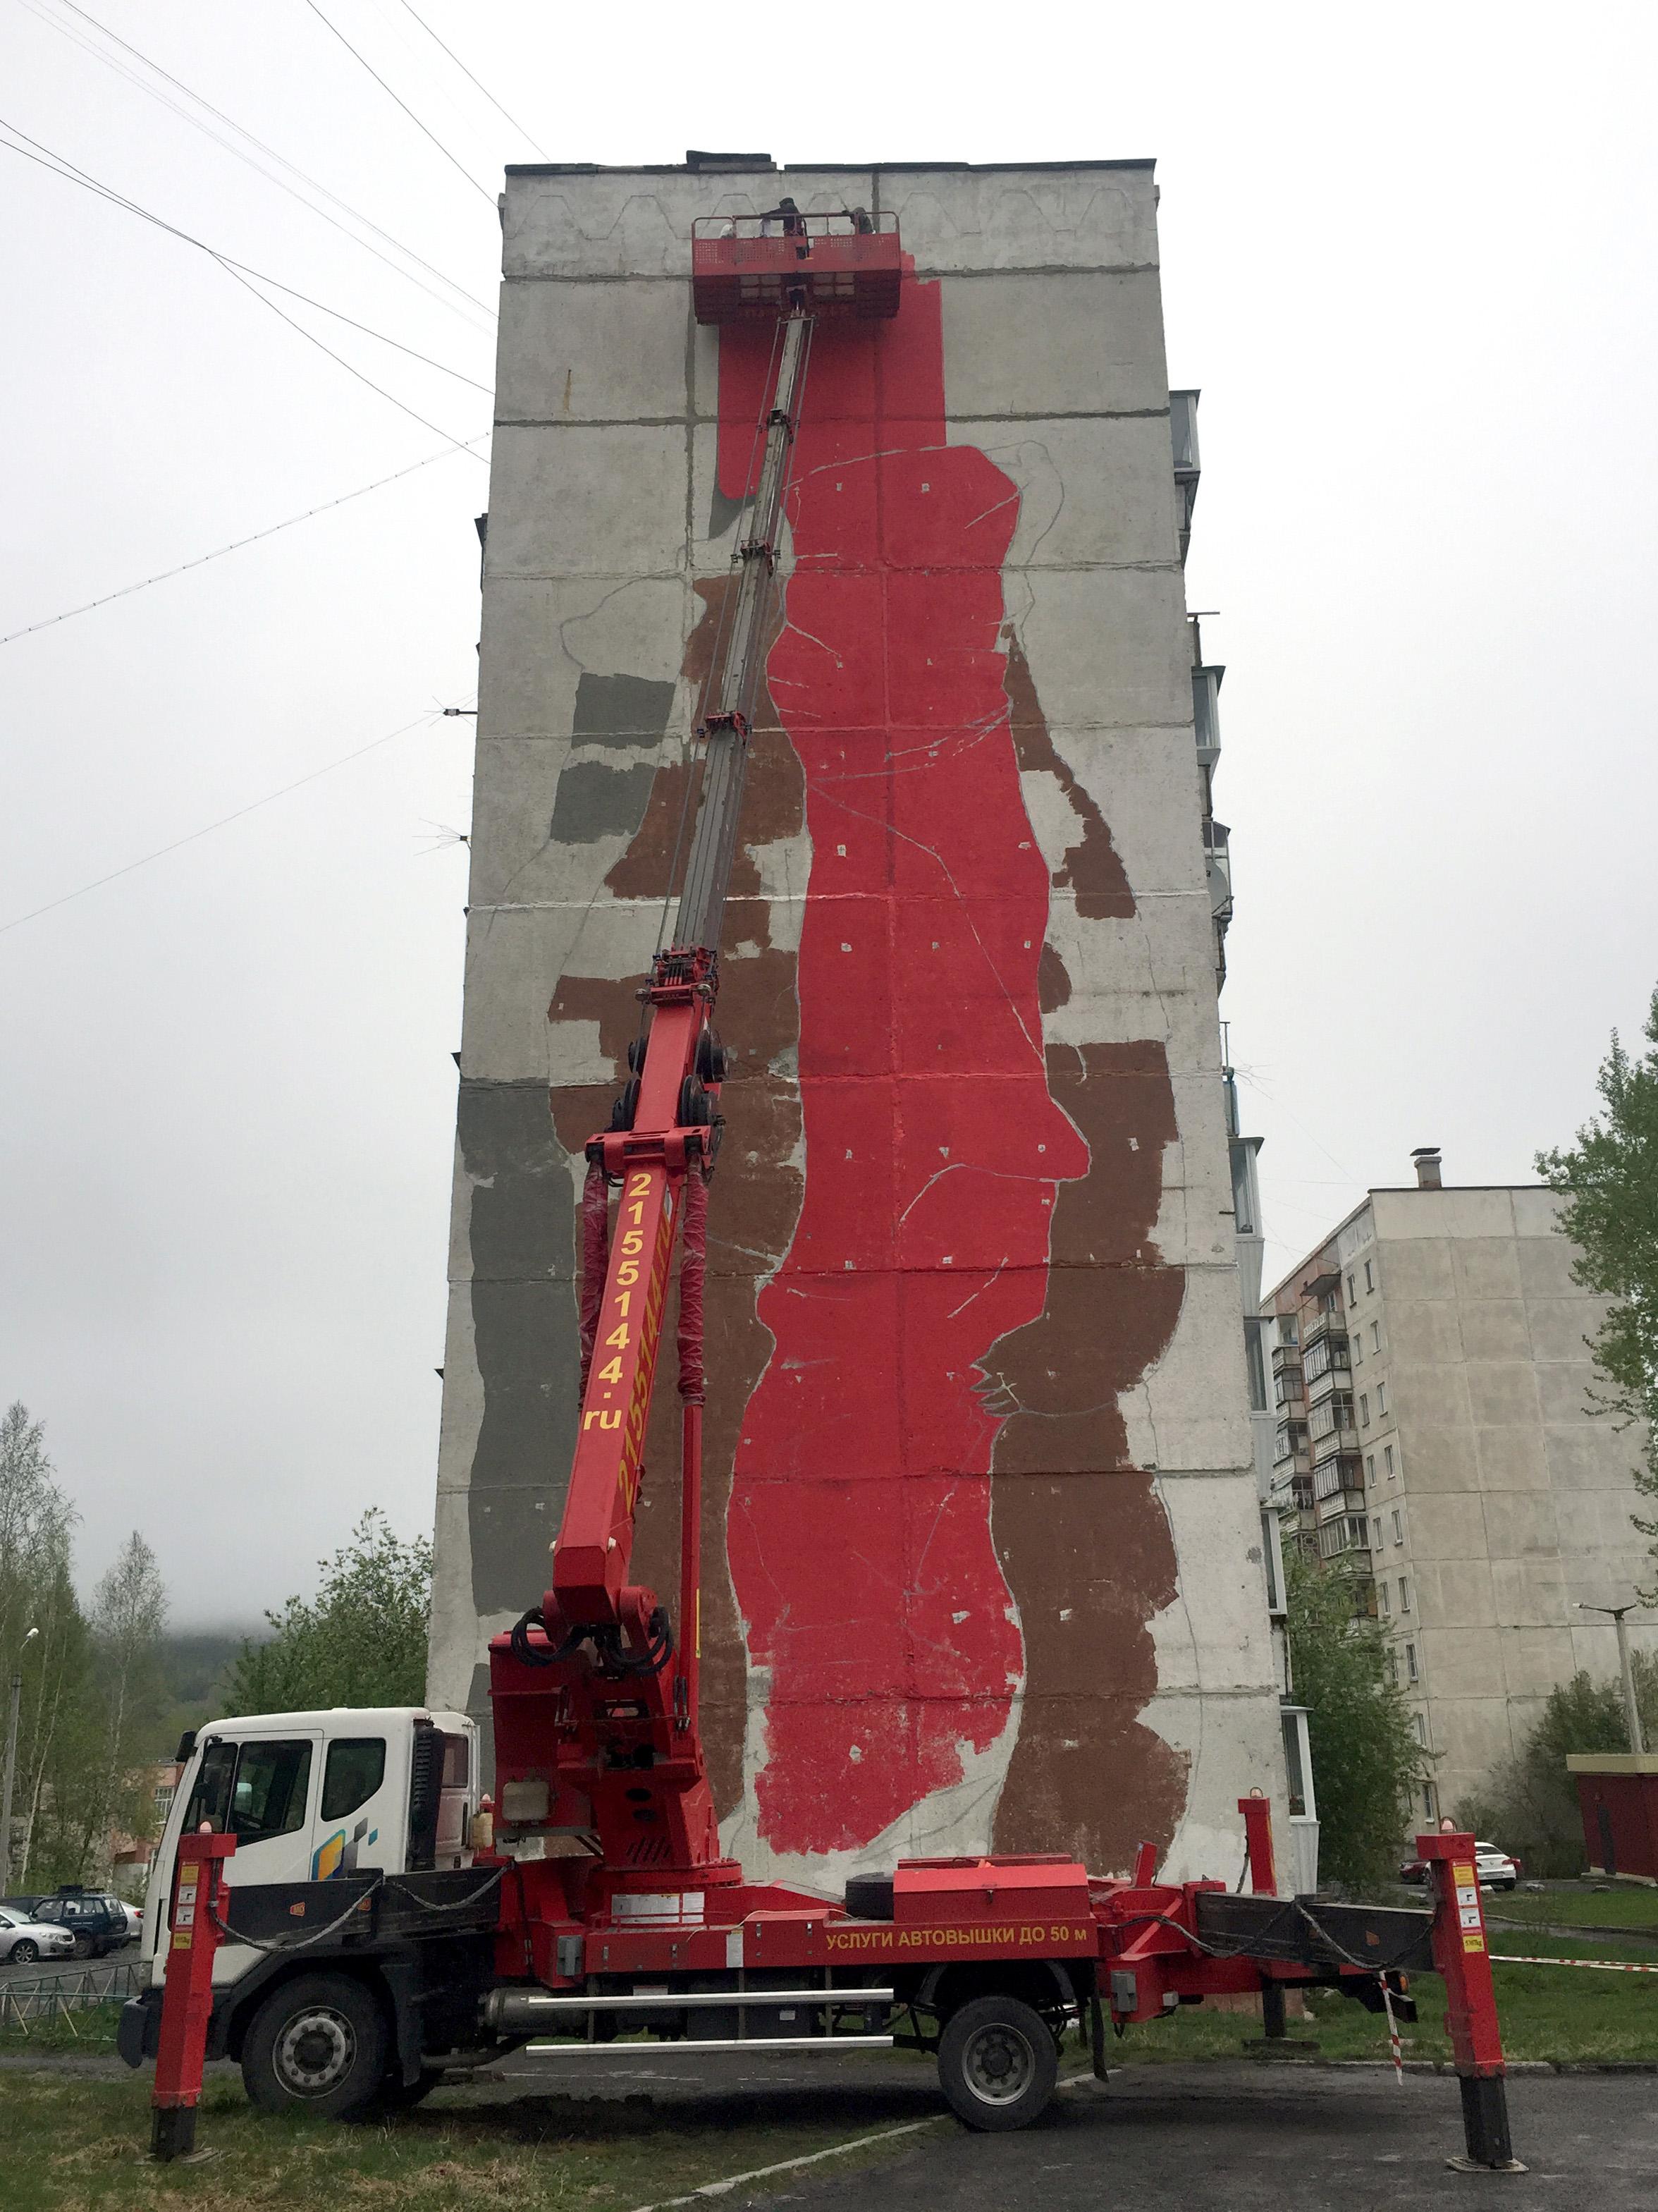 Nevercrew-Russia